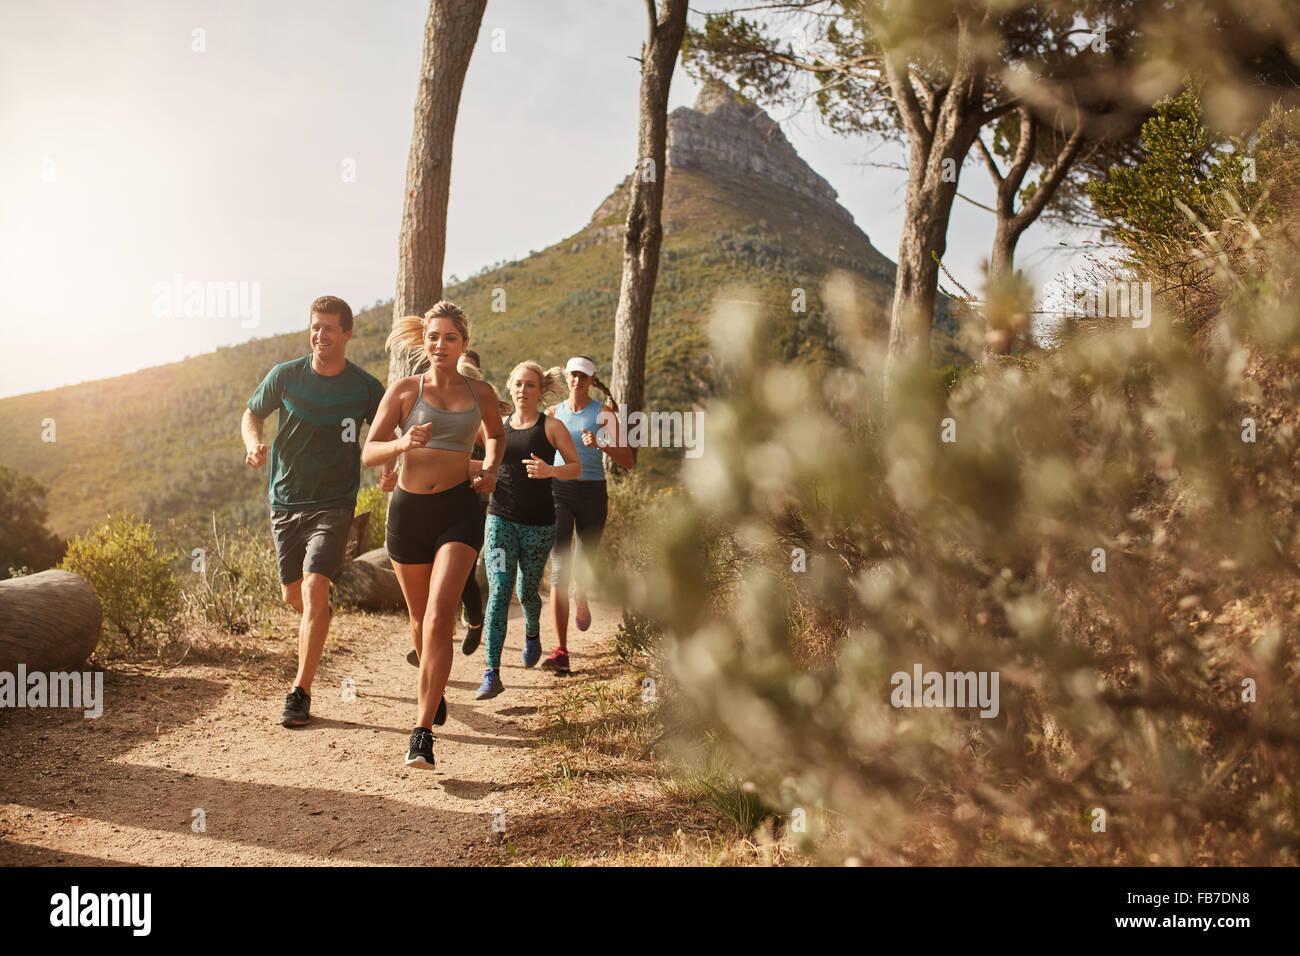 Grupo de jóvenes adultos formación y correr juntos por los senderos de la ladera en la naturaleza. Colocar Imagen De Stock